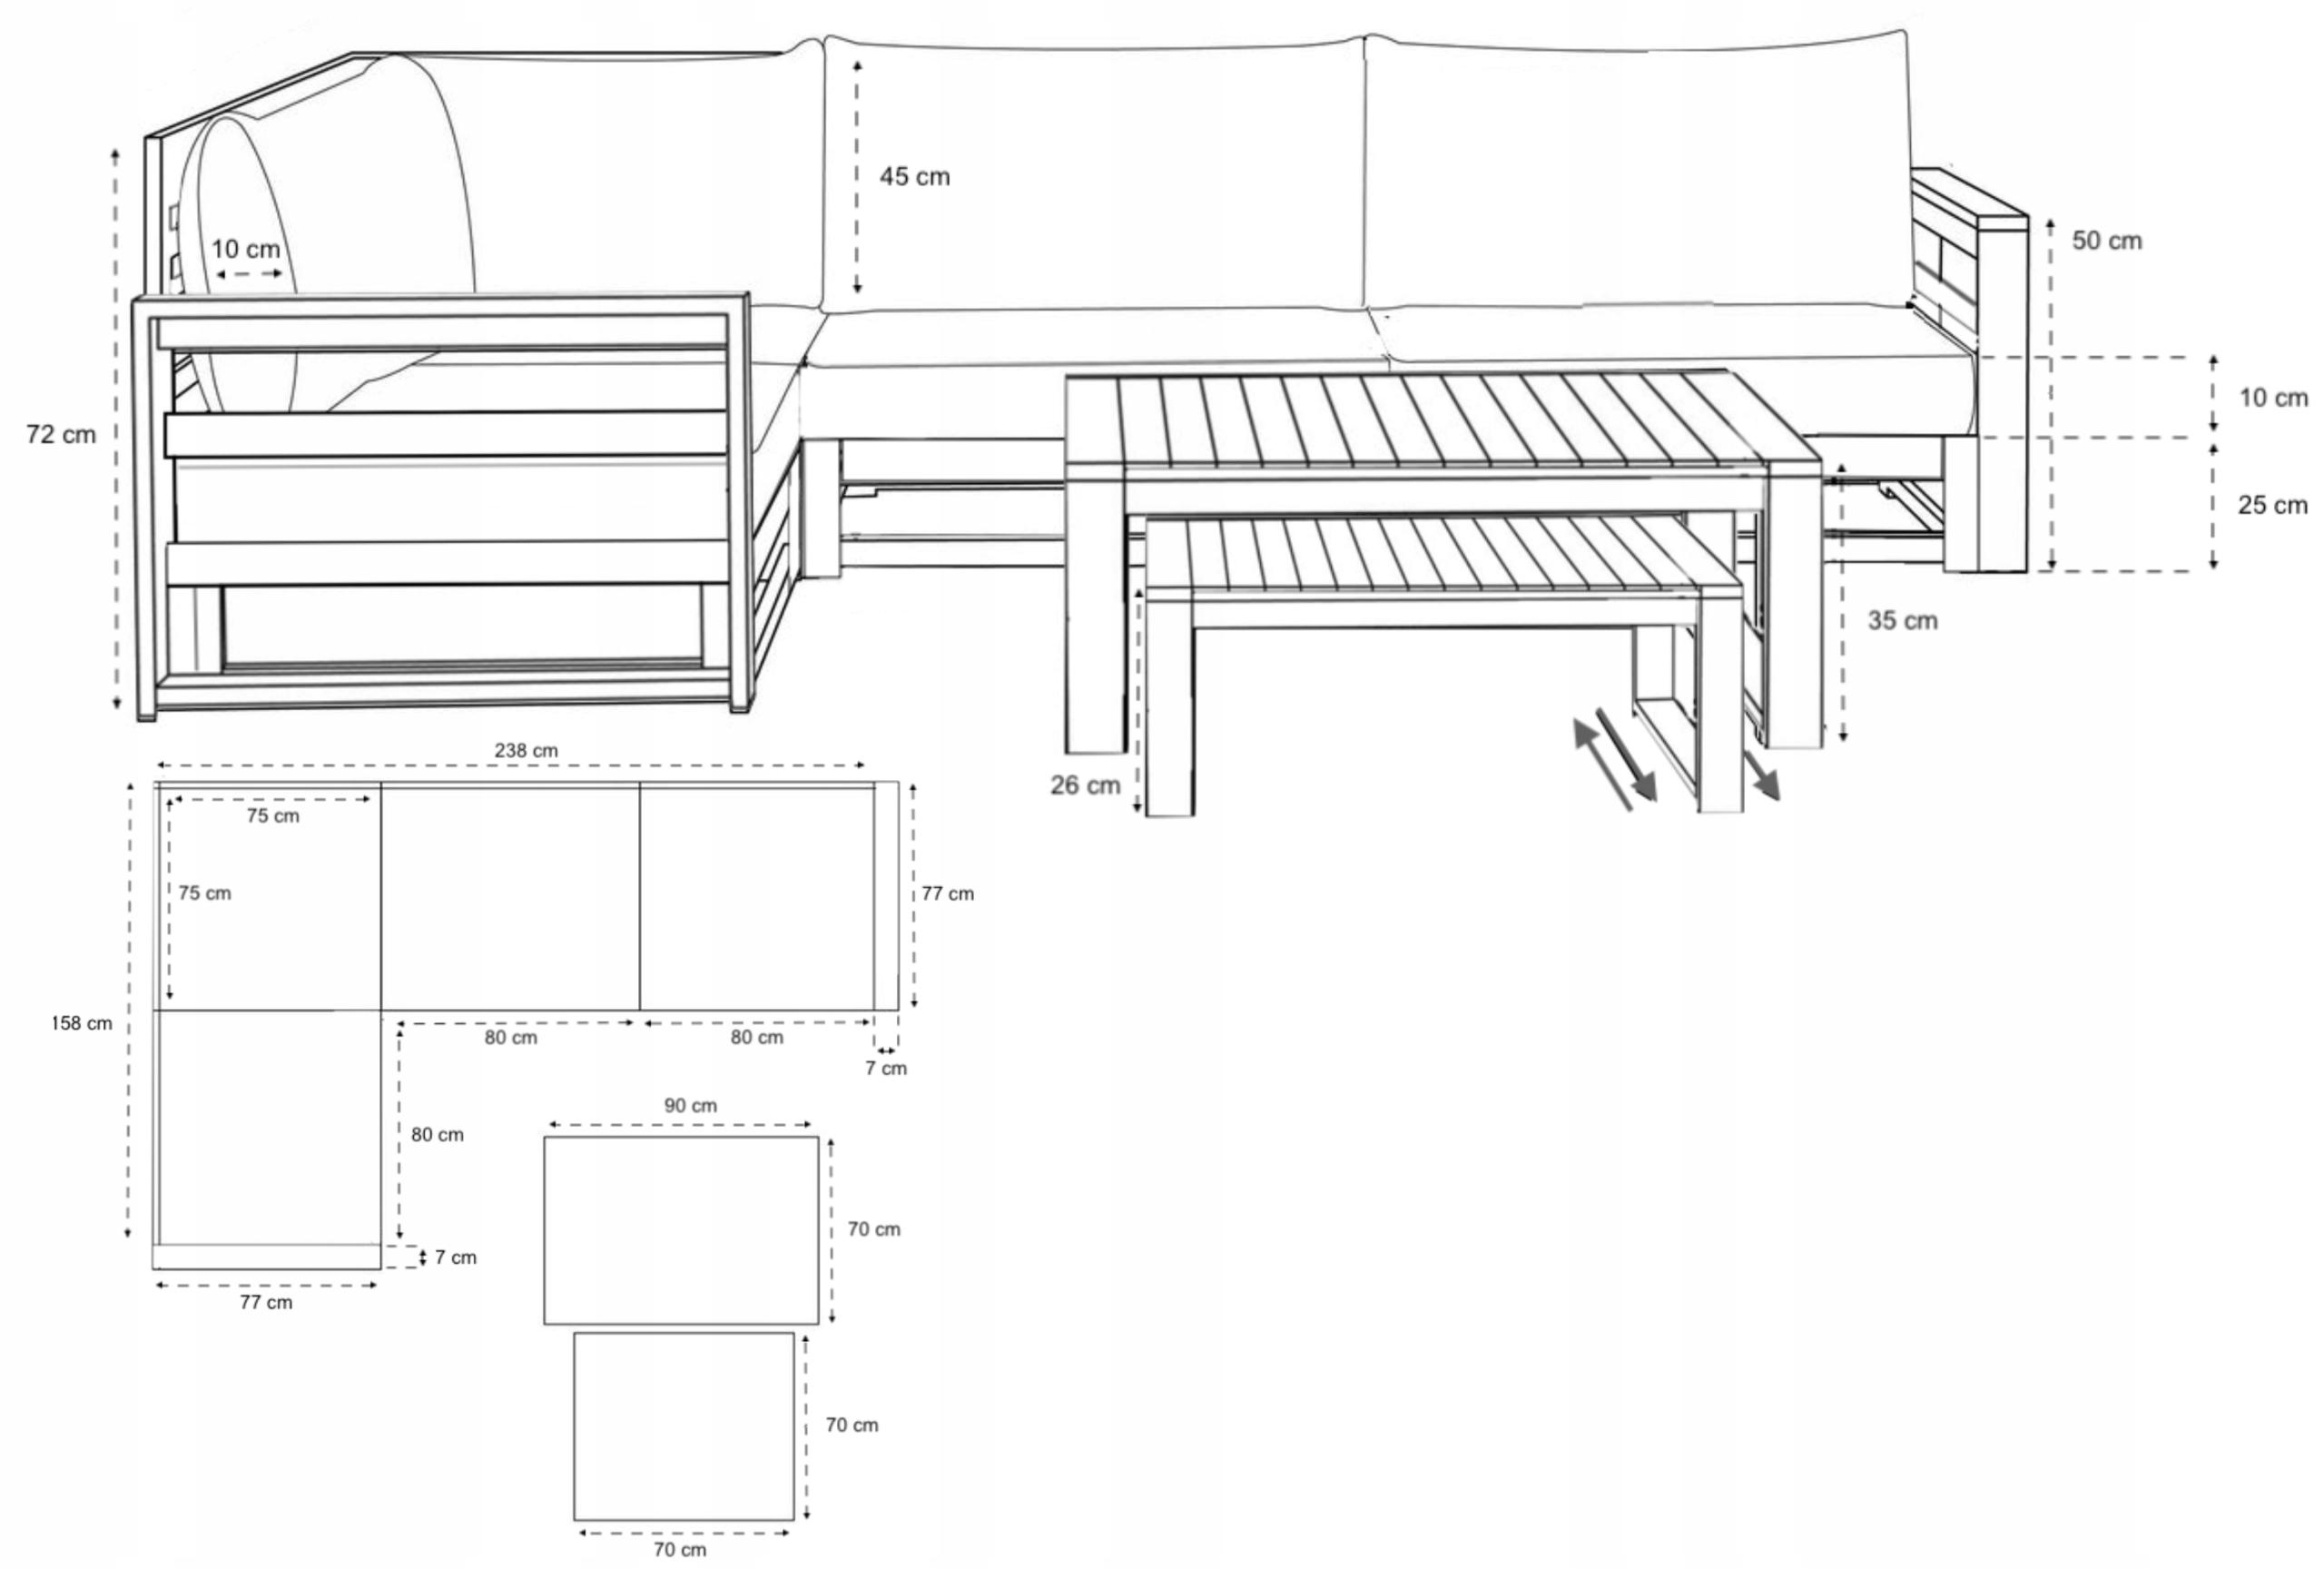 Sada záhradného nábytku z dreva 4-SEATOR + 2 LAVICE Počet osôb 4